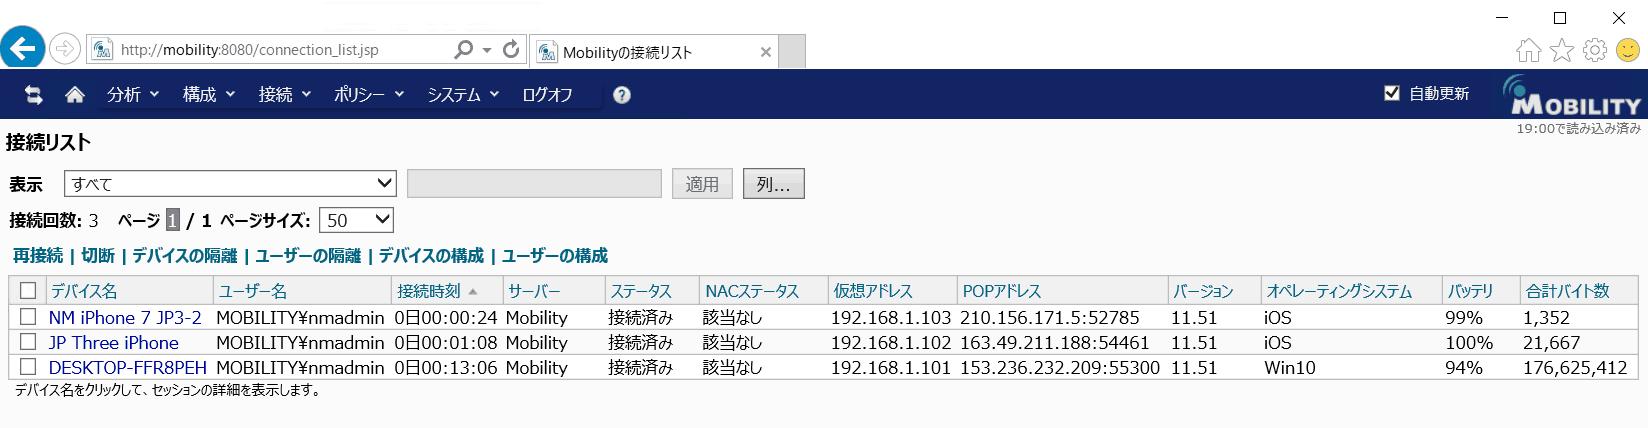 接続リスト(VPN利用端末の一覧)